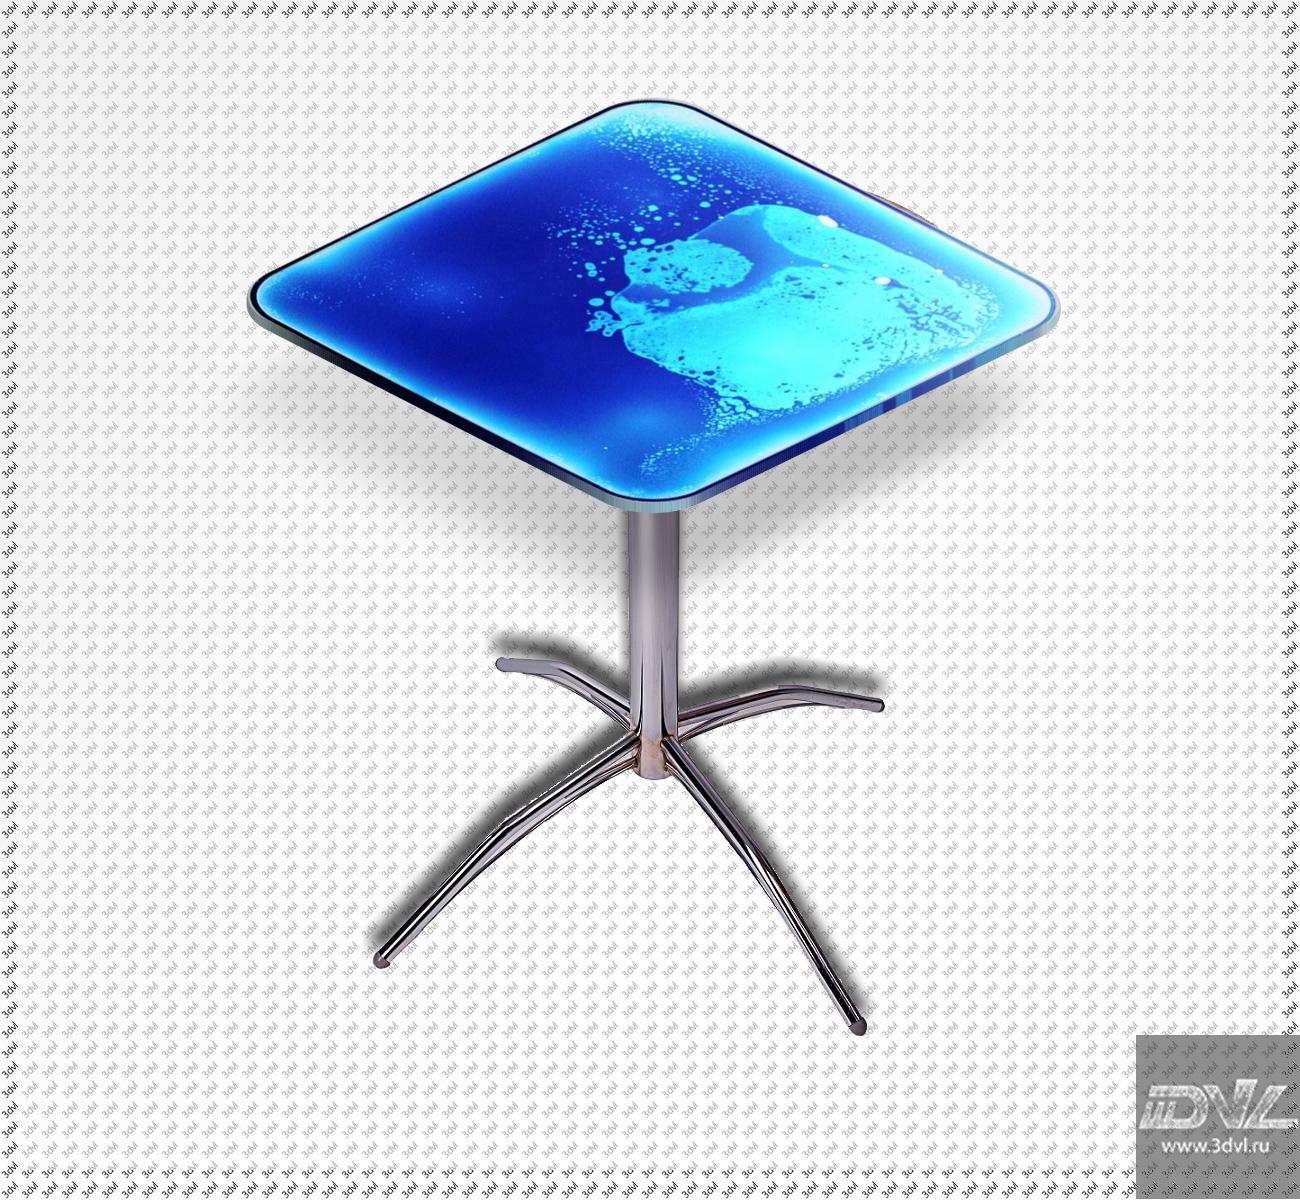 интерактивный стол с меняющимся рисунком liquid table foto для ночного клуба